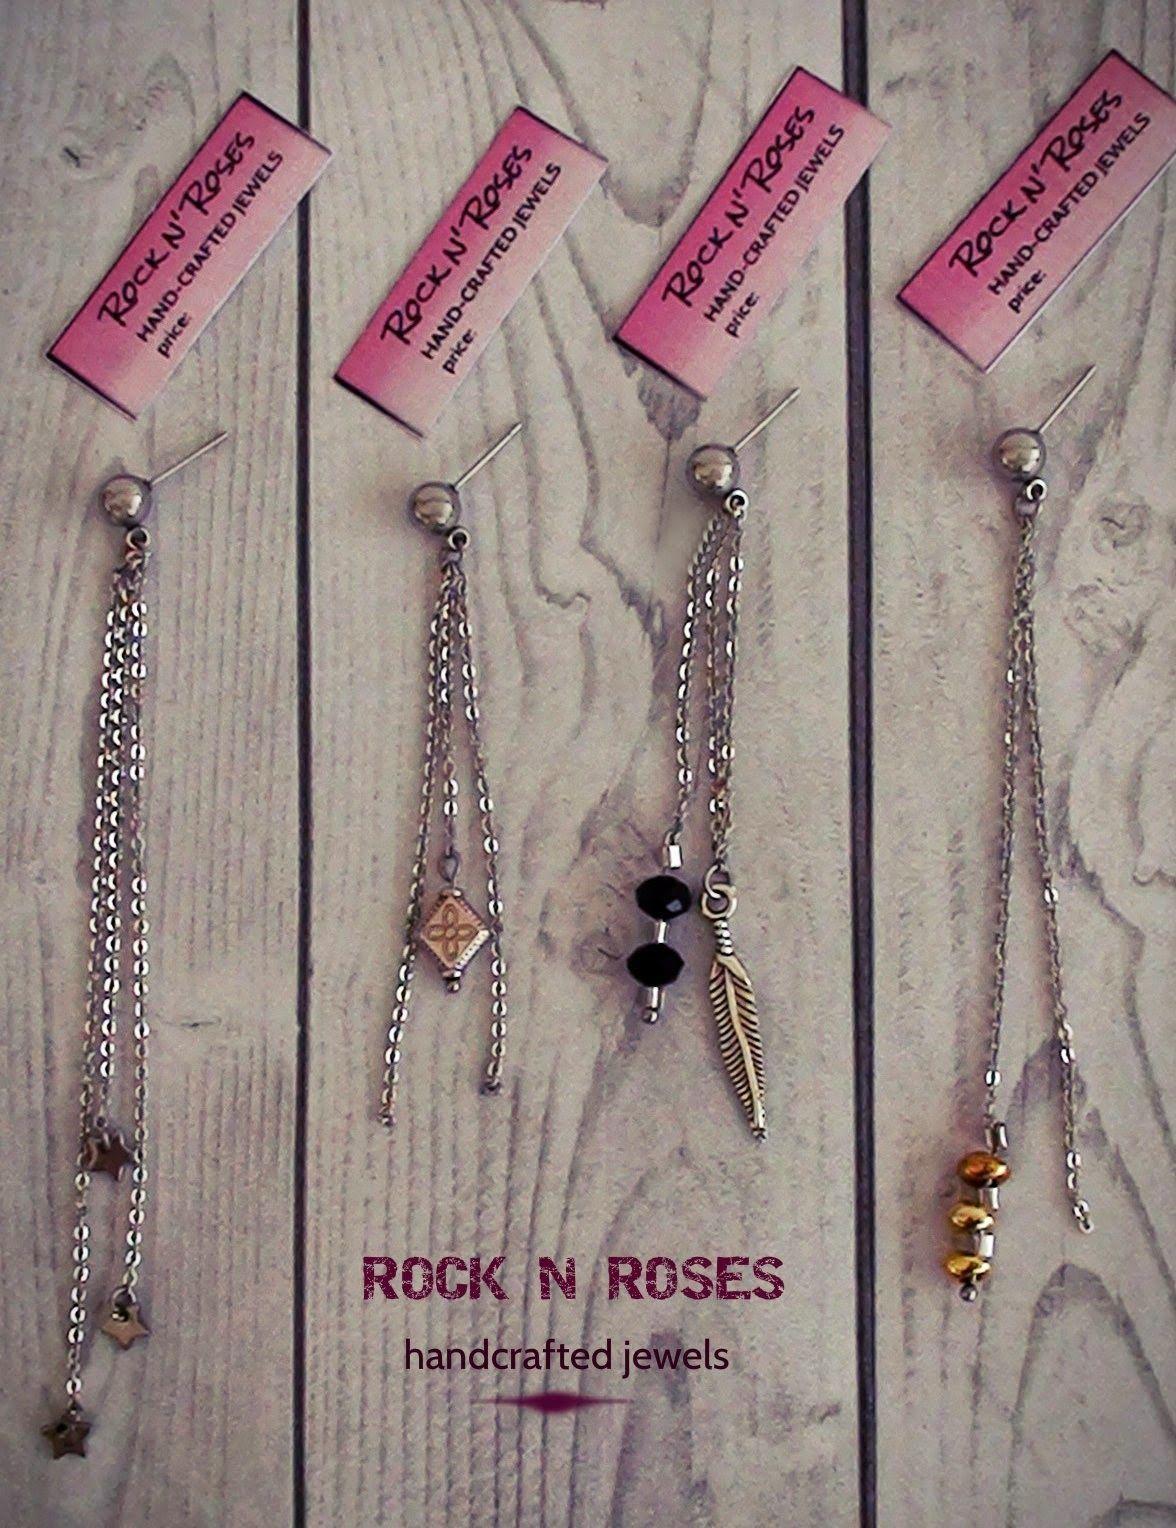 ROCK N' ROSES: ✦✦ Rock n Roses turns luminous ✦✦ The Rock n Roses...